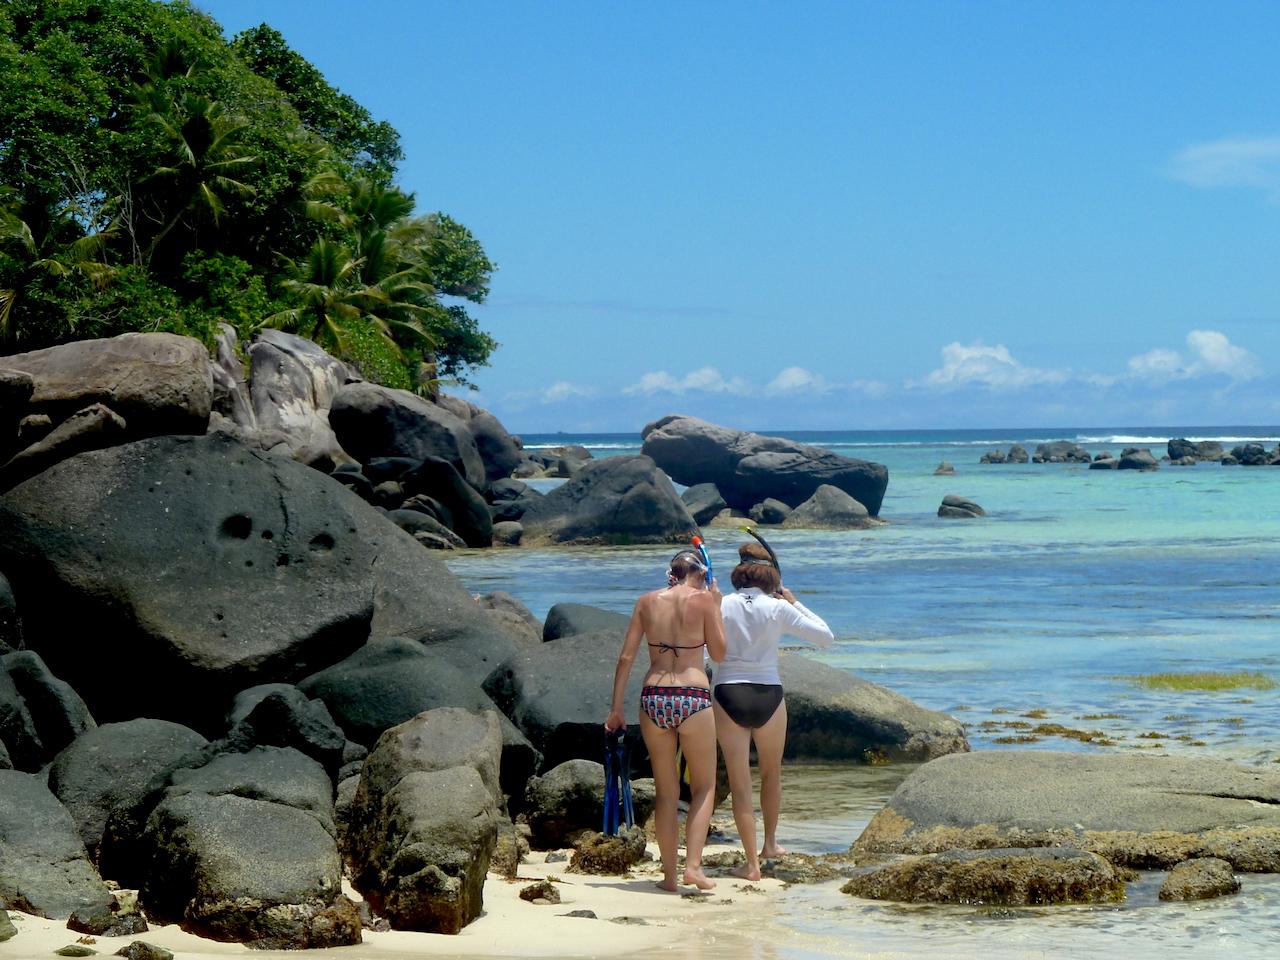 Snorkeling at Anse Royale Beach on Mahe, Seychelles #Mahe #Seychelles #AnseRoyaleBeach #MaheBeach #SeychellesBeach